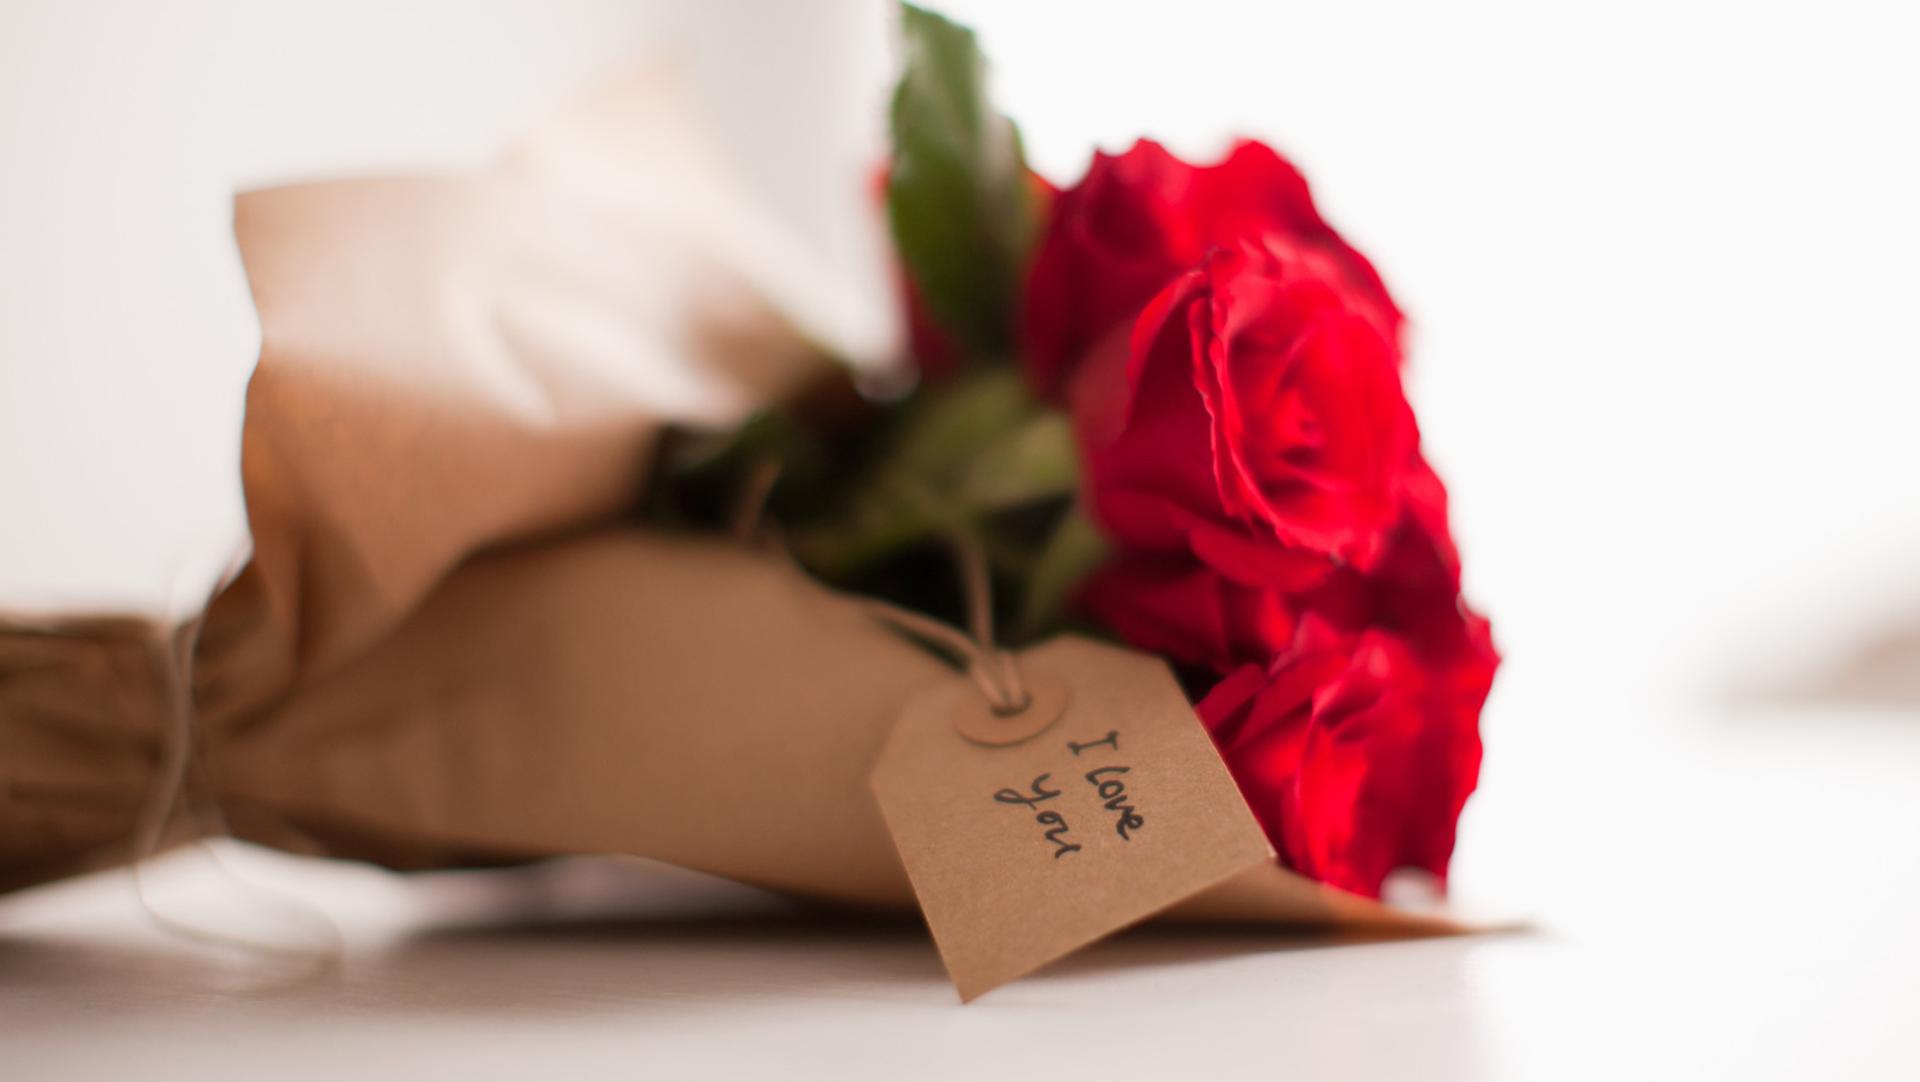 Слайд нов - Доставка на цветя